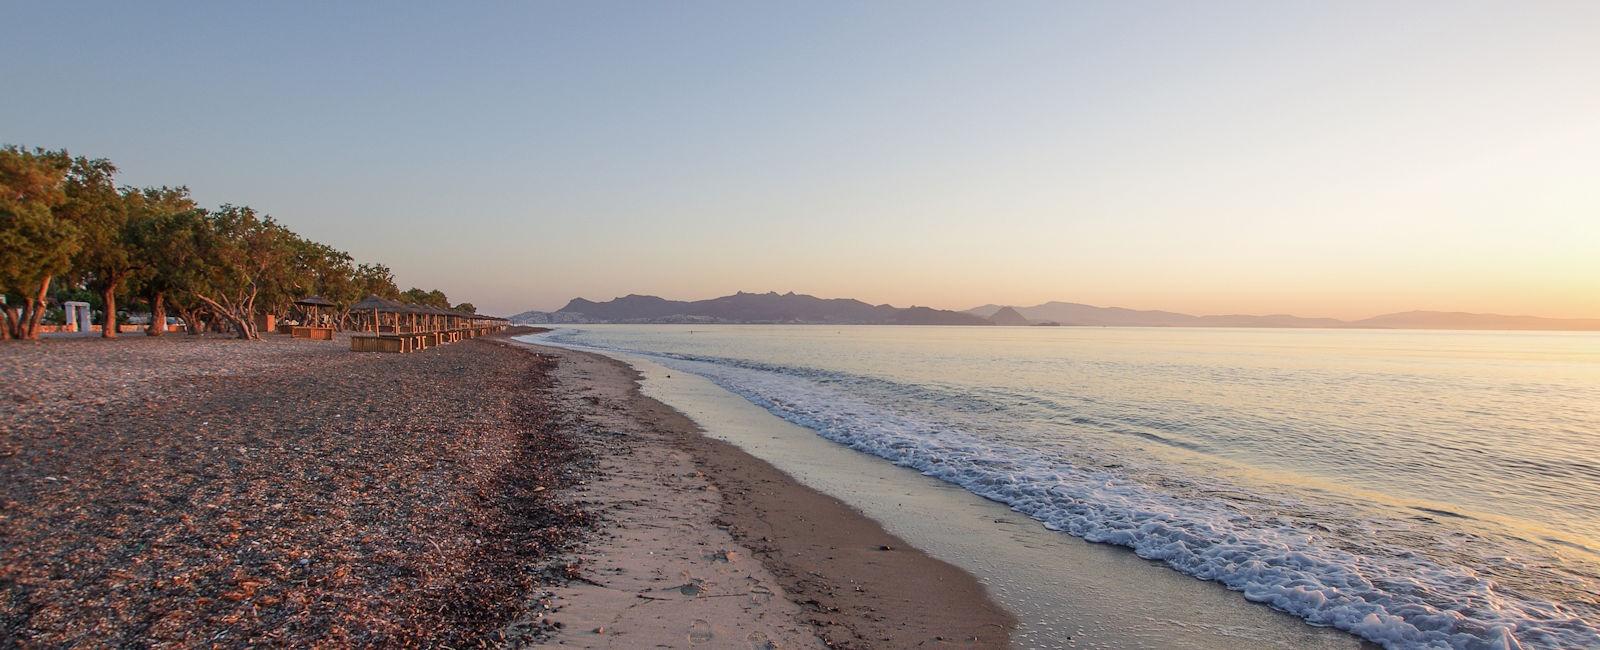 lambi beach, kos